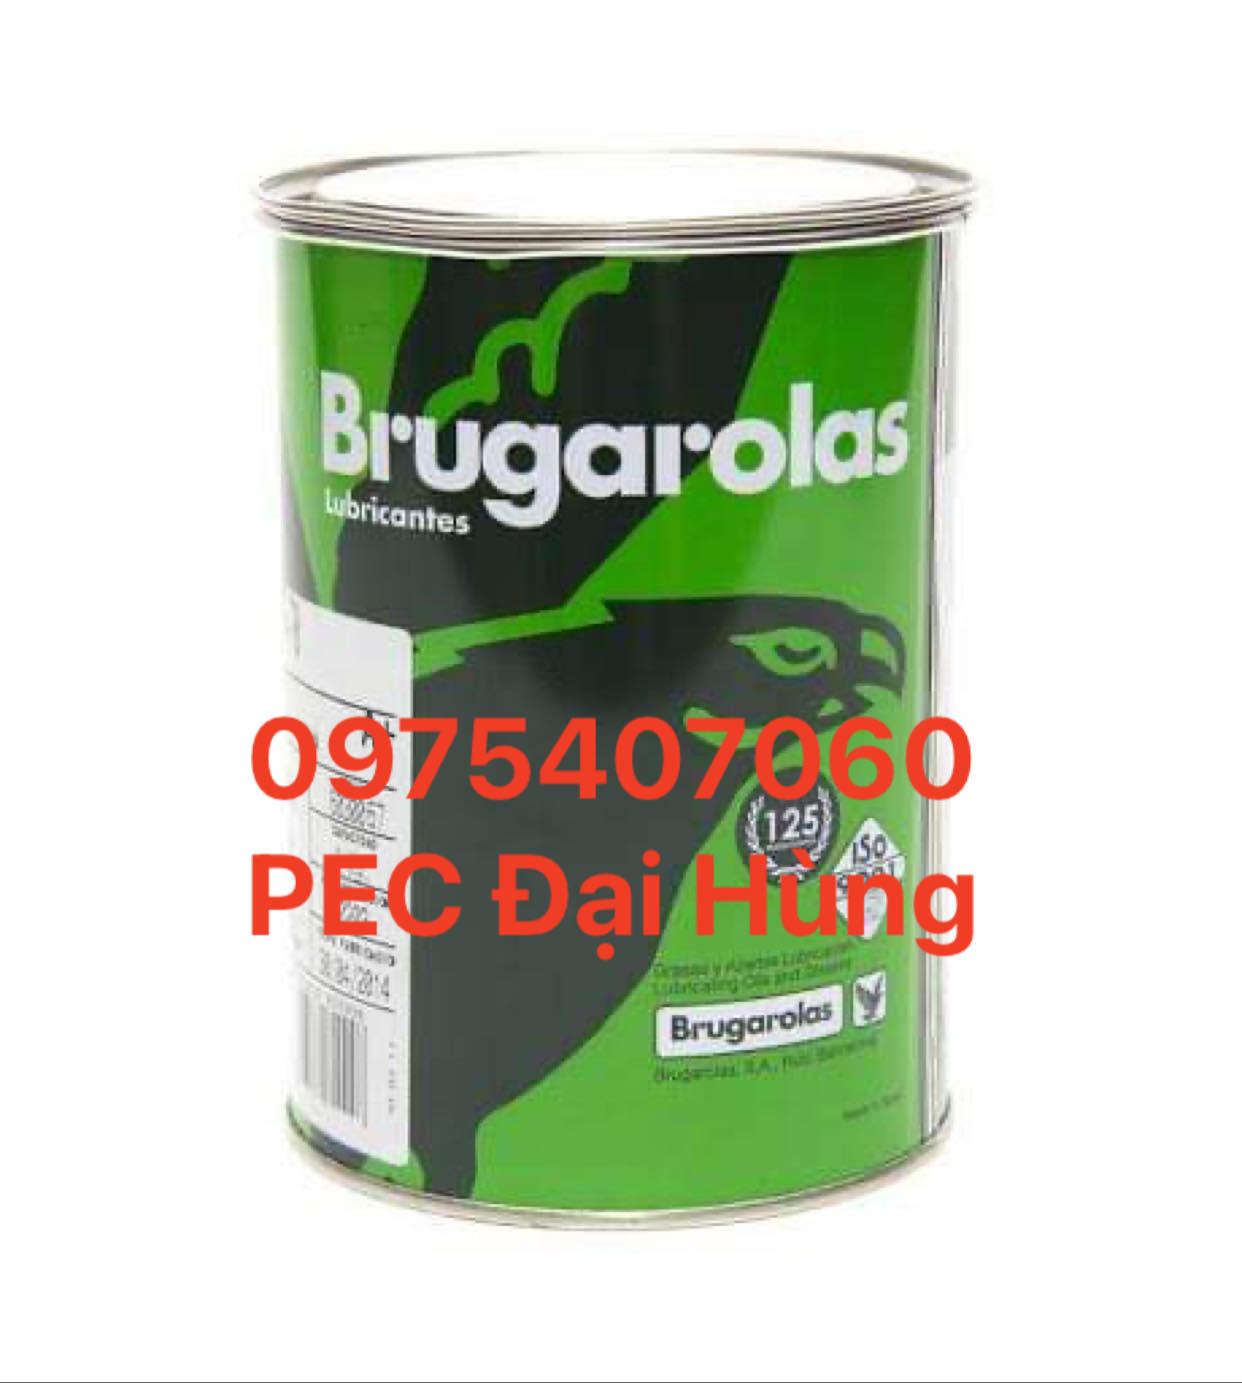 Dầu xích chịu nhiệt Brugarolas Beslux Chain 2160 PB